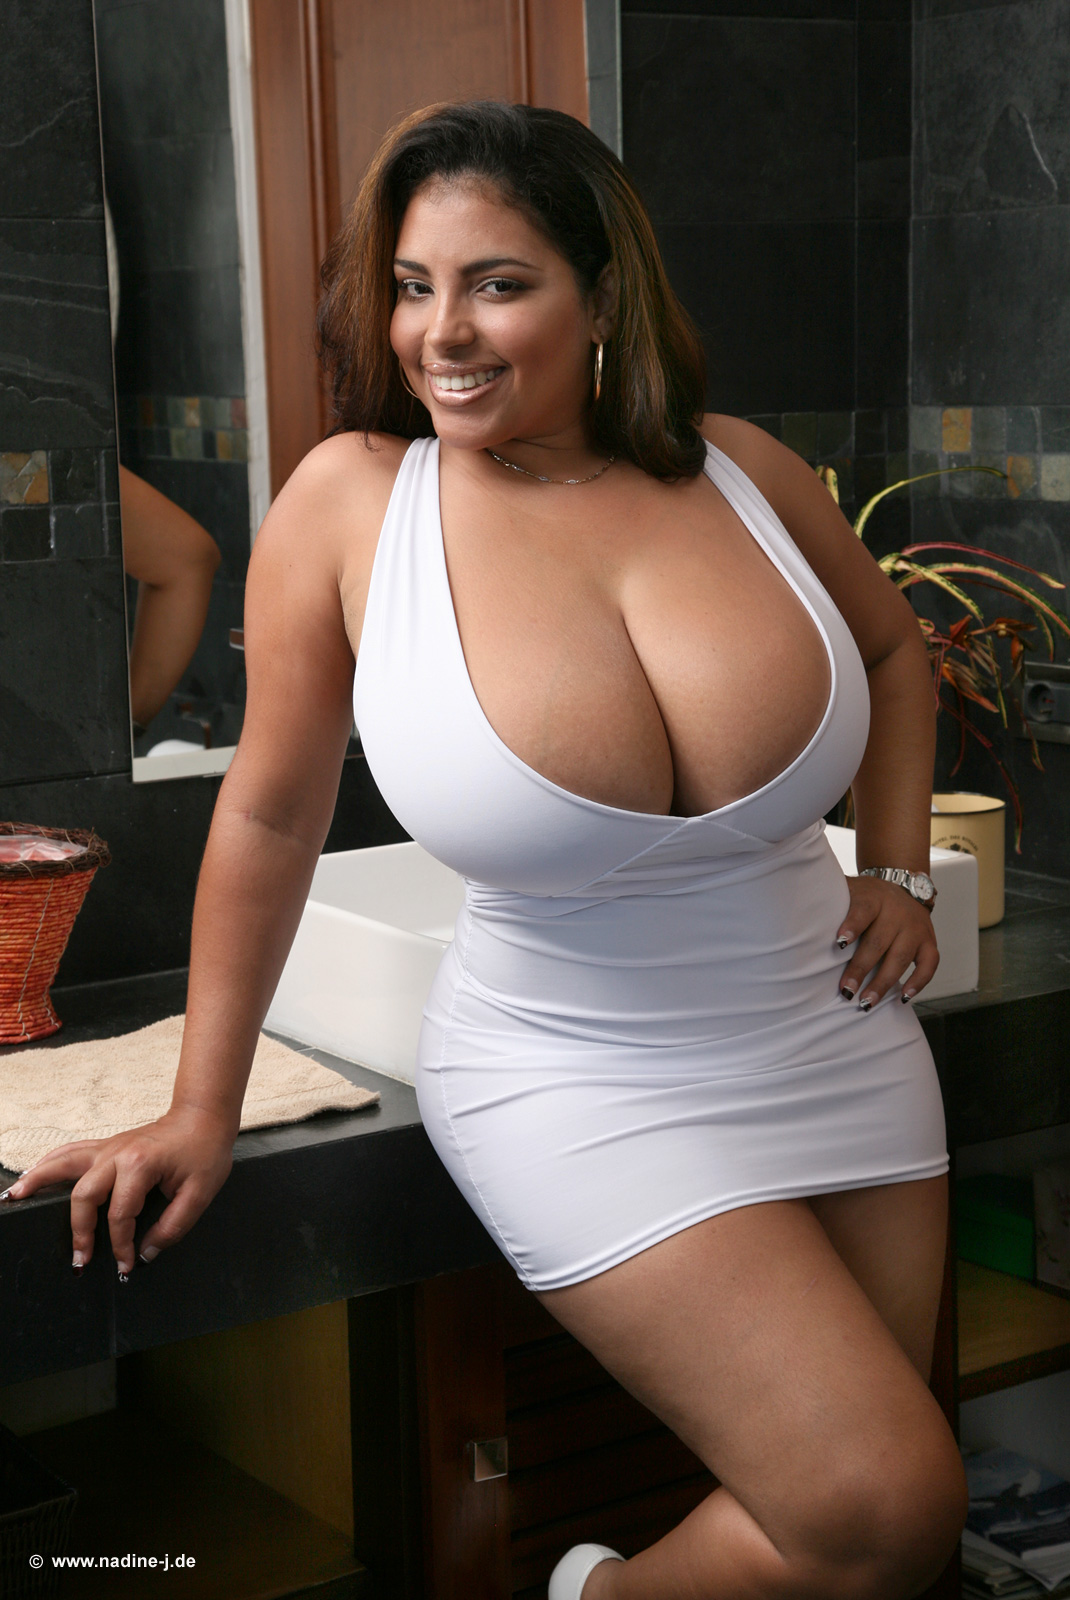 imagenes de las chicas mas putas big boobs